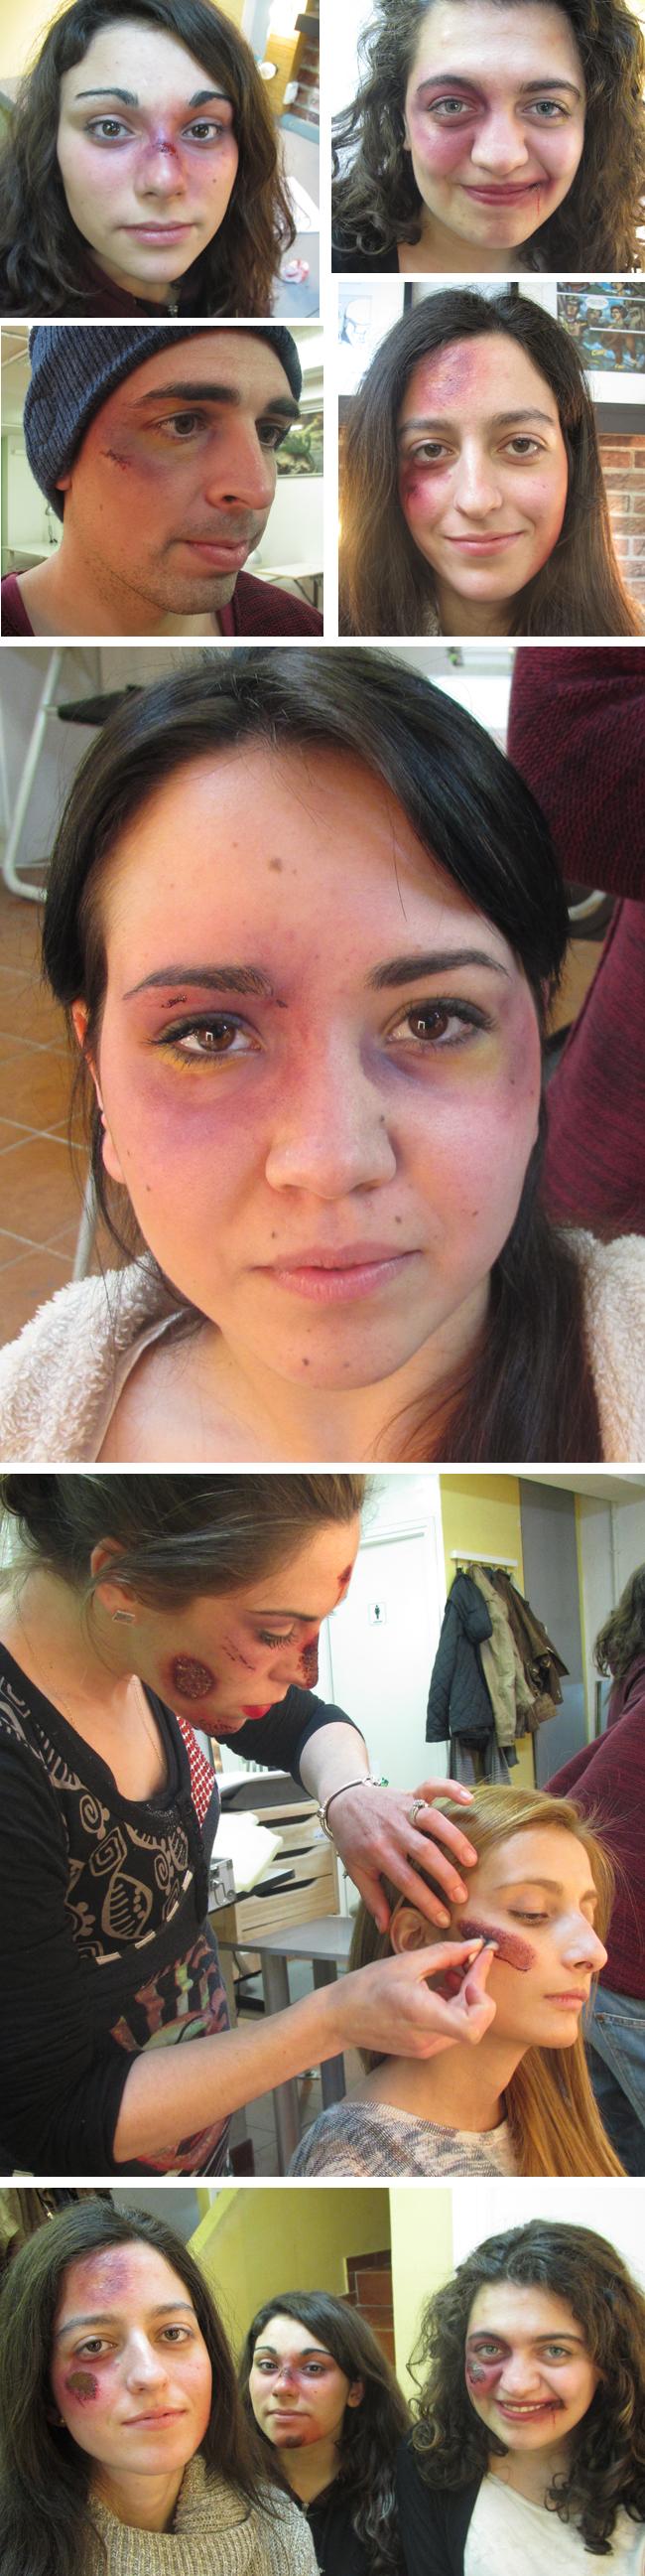 nuevos-trabajos-alumnos-curso-taller-fx-maquillaje-efectos-especiales-madrid-academiac10